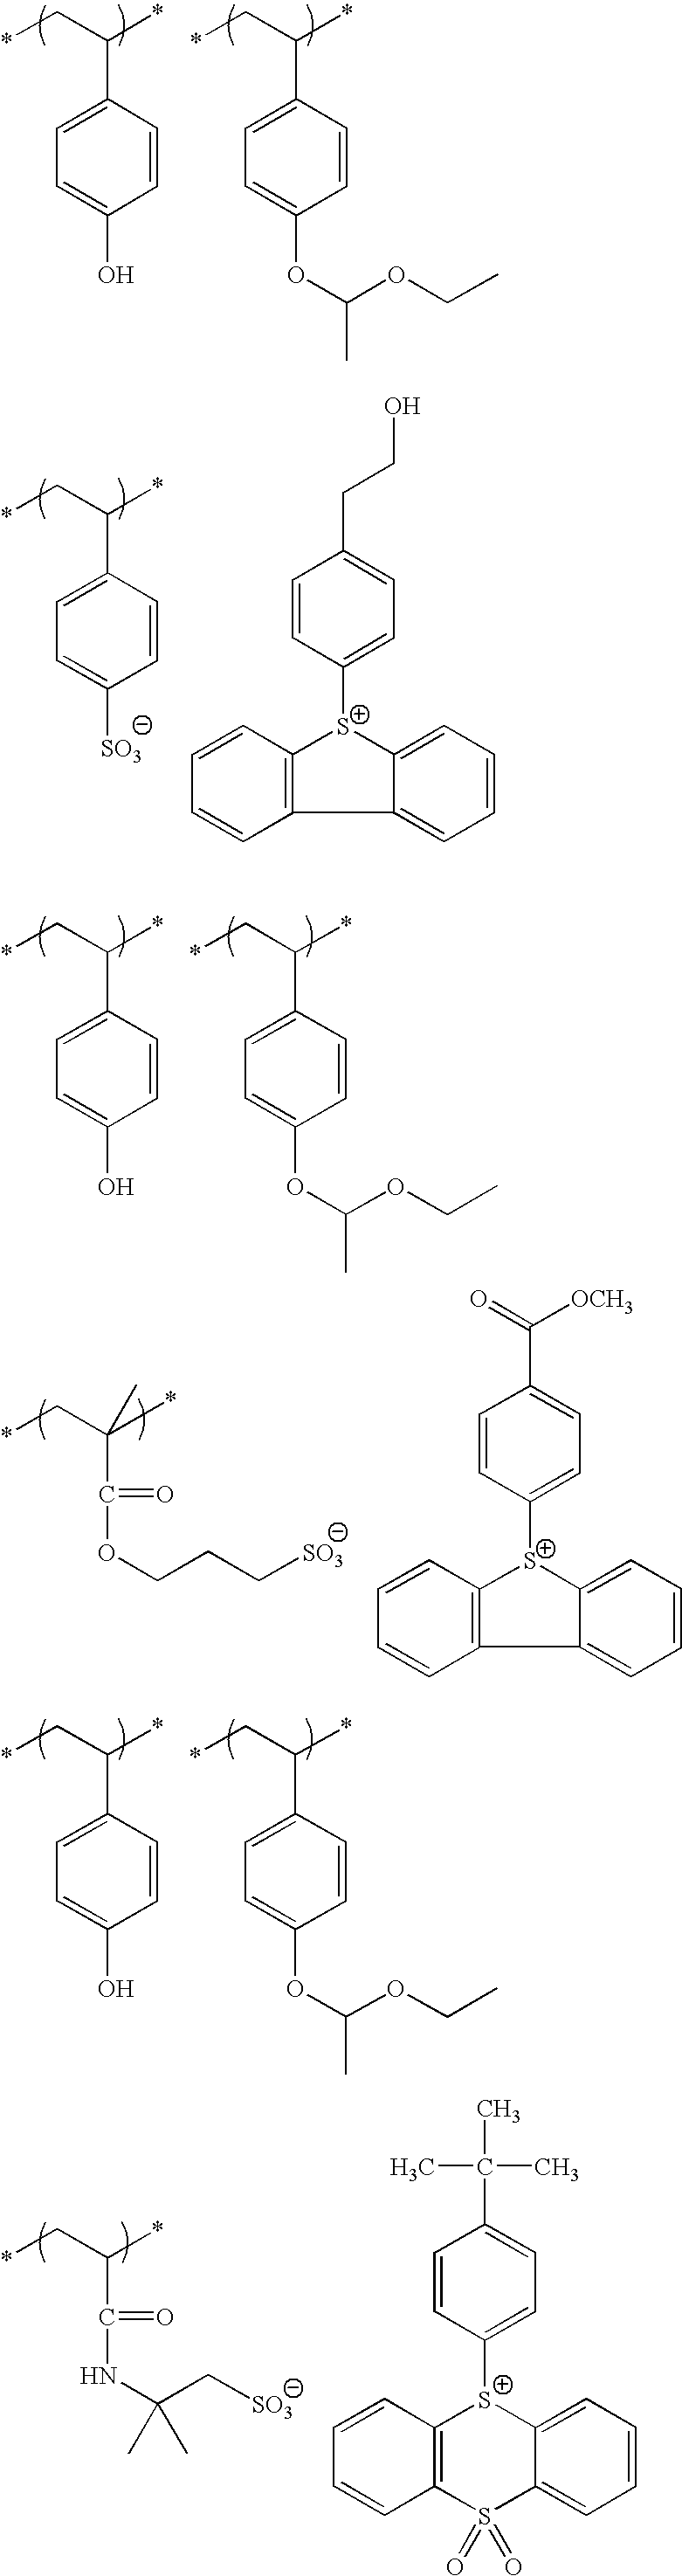 Figure US20100183975A1-20100722-C00146